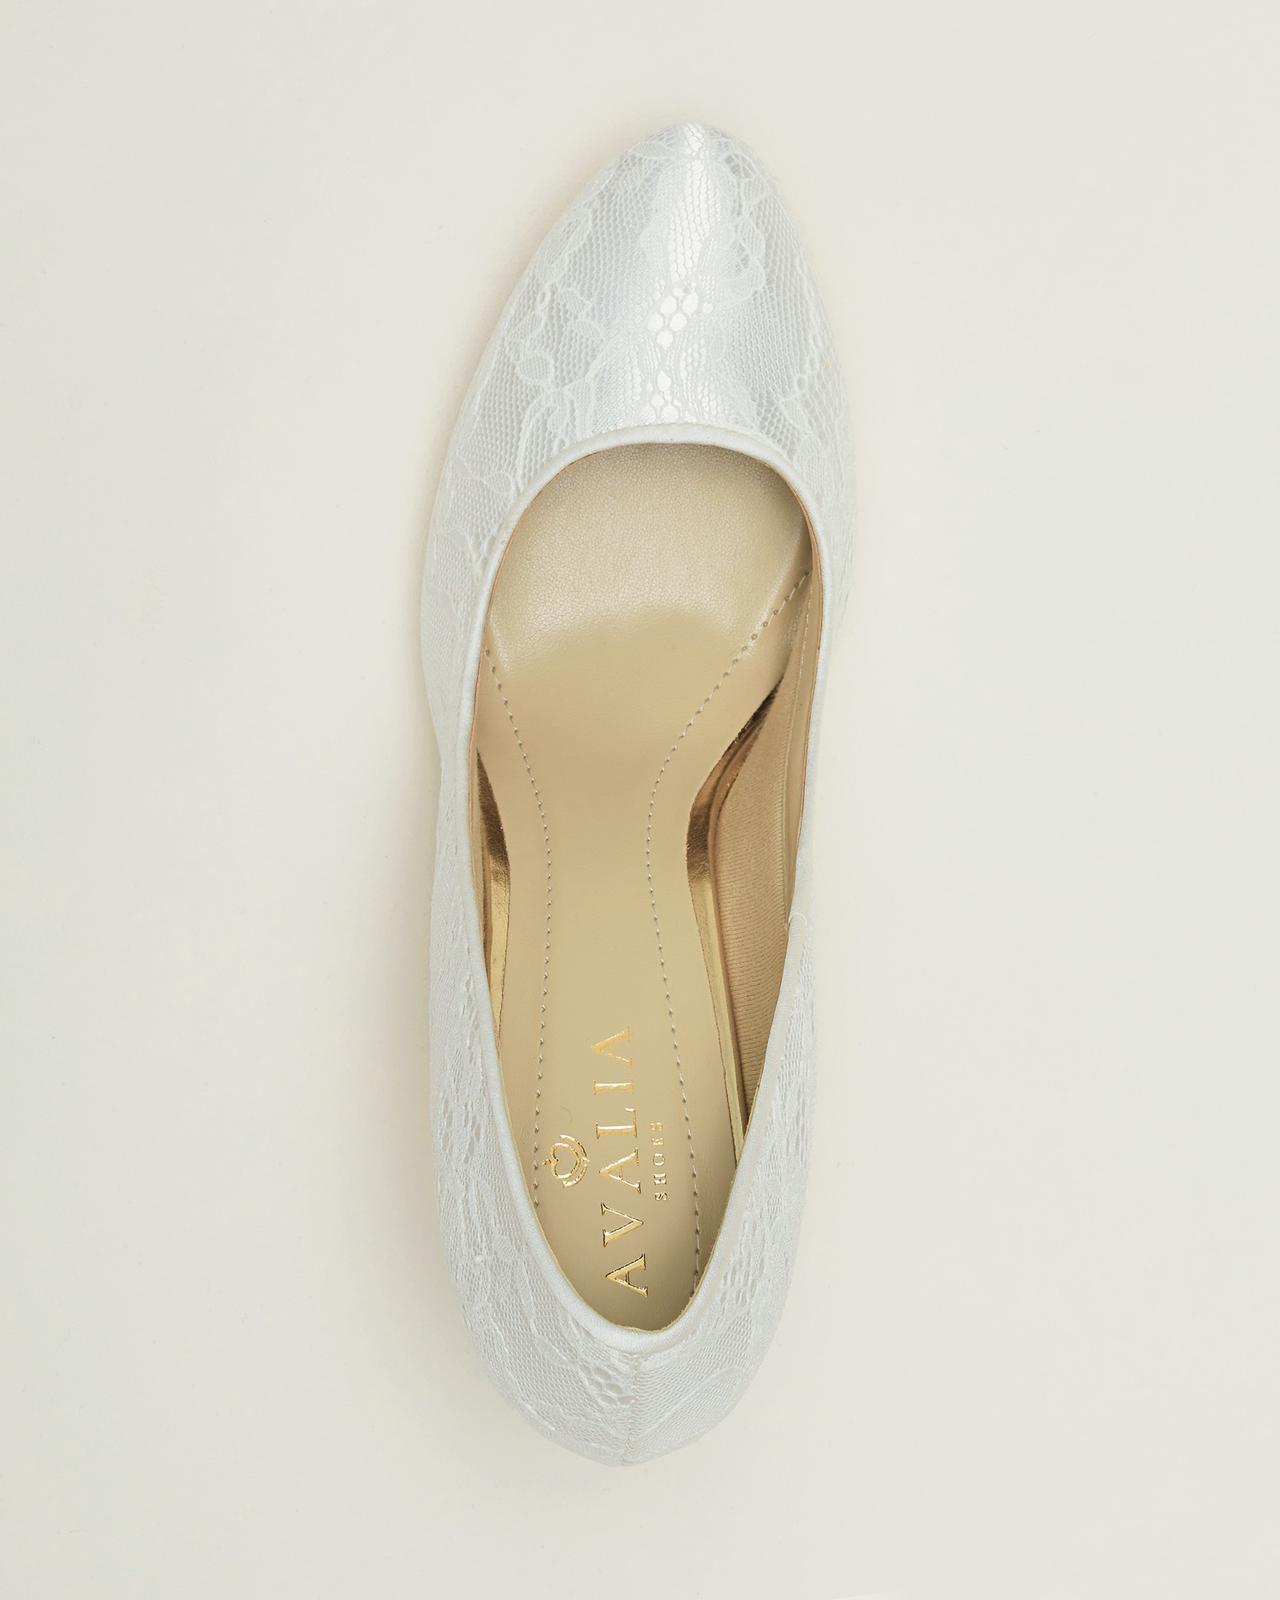 Svadobné topánky Suri - Obrázok č. 3